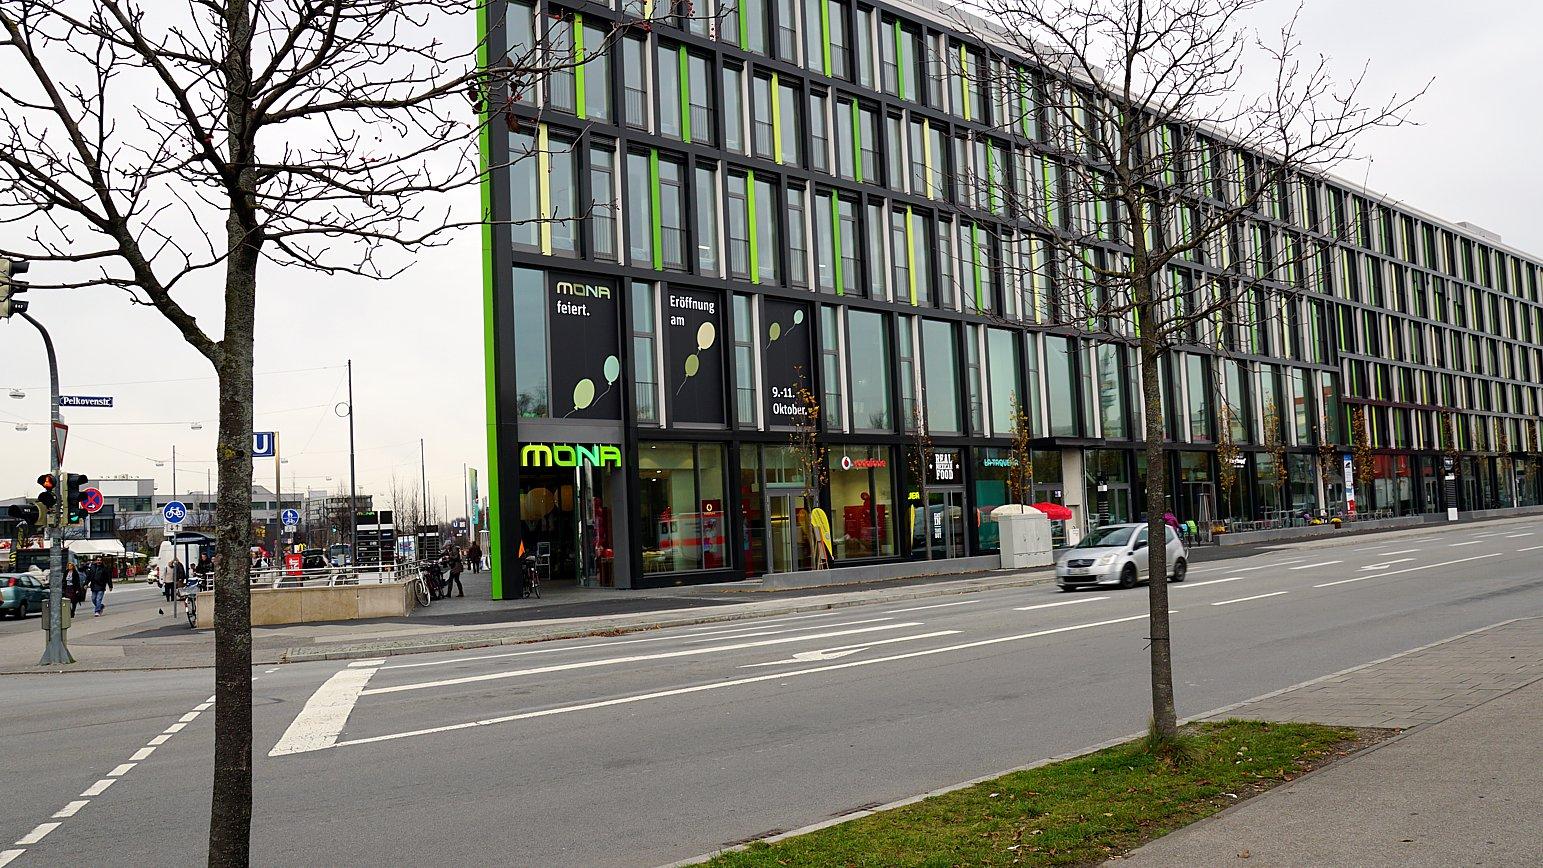 Das neue Mona-Einkaufszentrum neben dem bekannten Olympia Einkaufszentrum (OEZ) wurde erst im Oktober 2014 eröffnet.